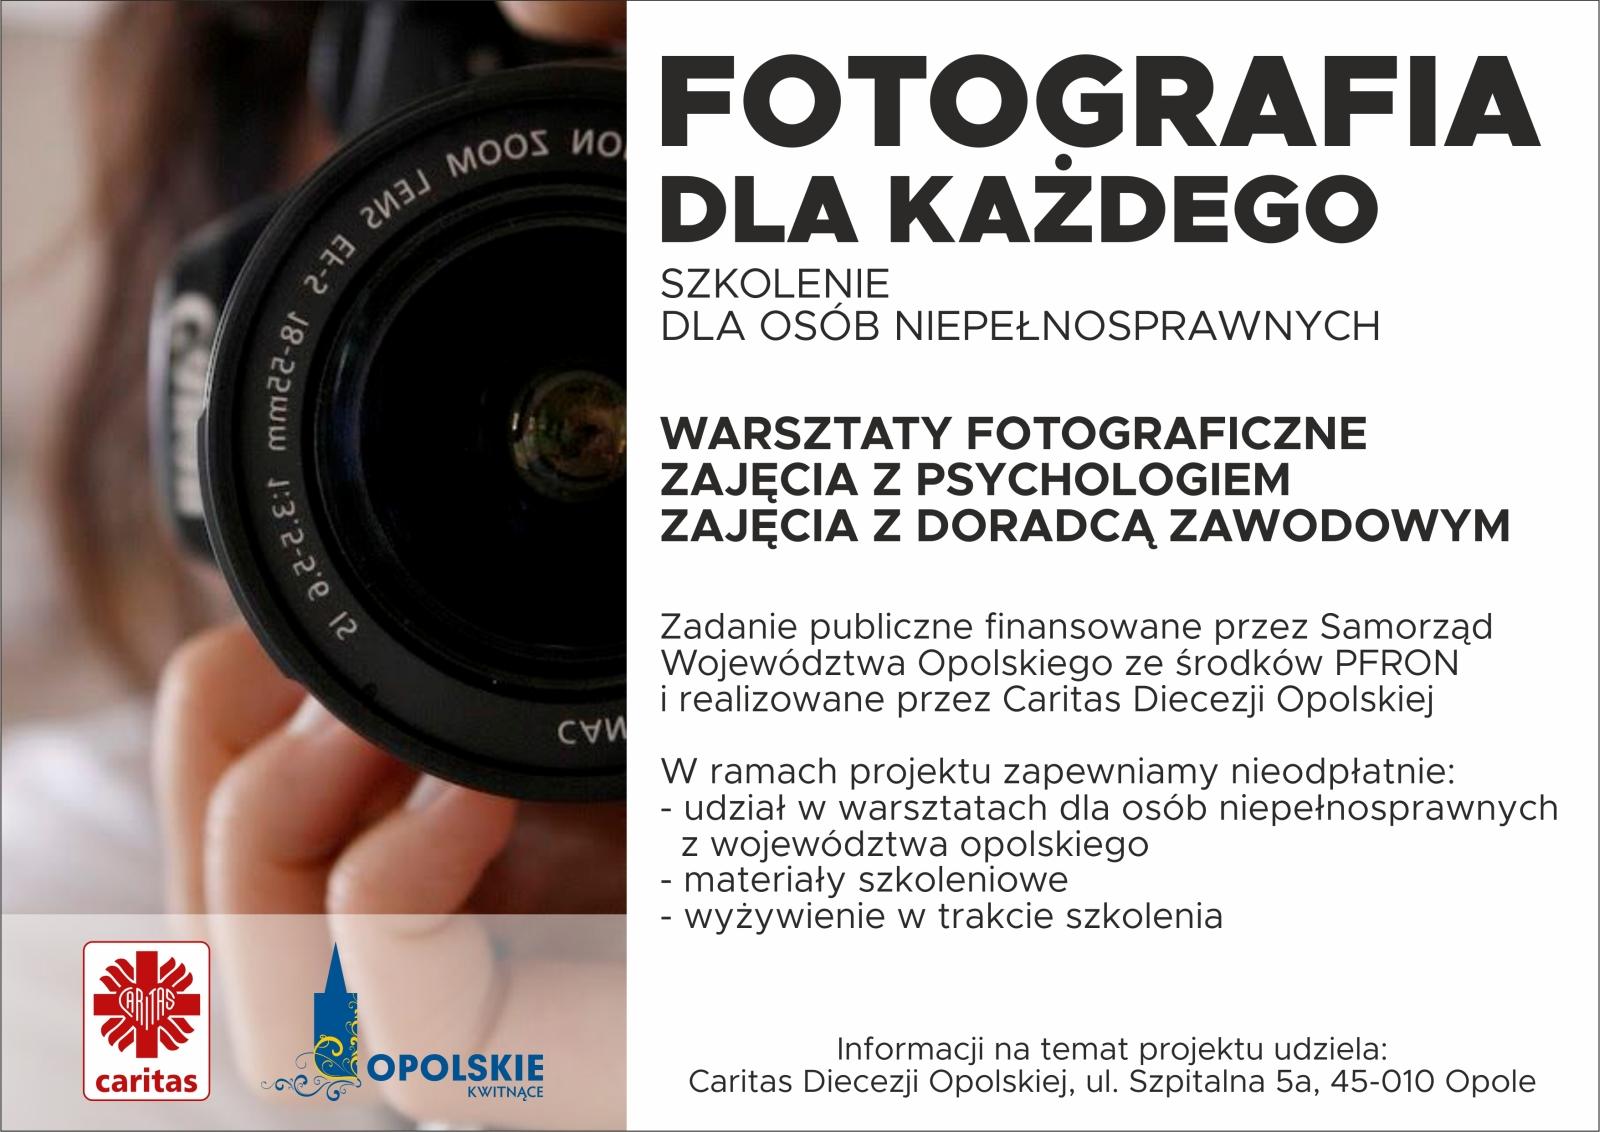 Fotografia dla Każdego